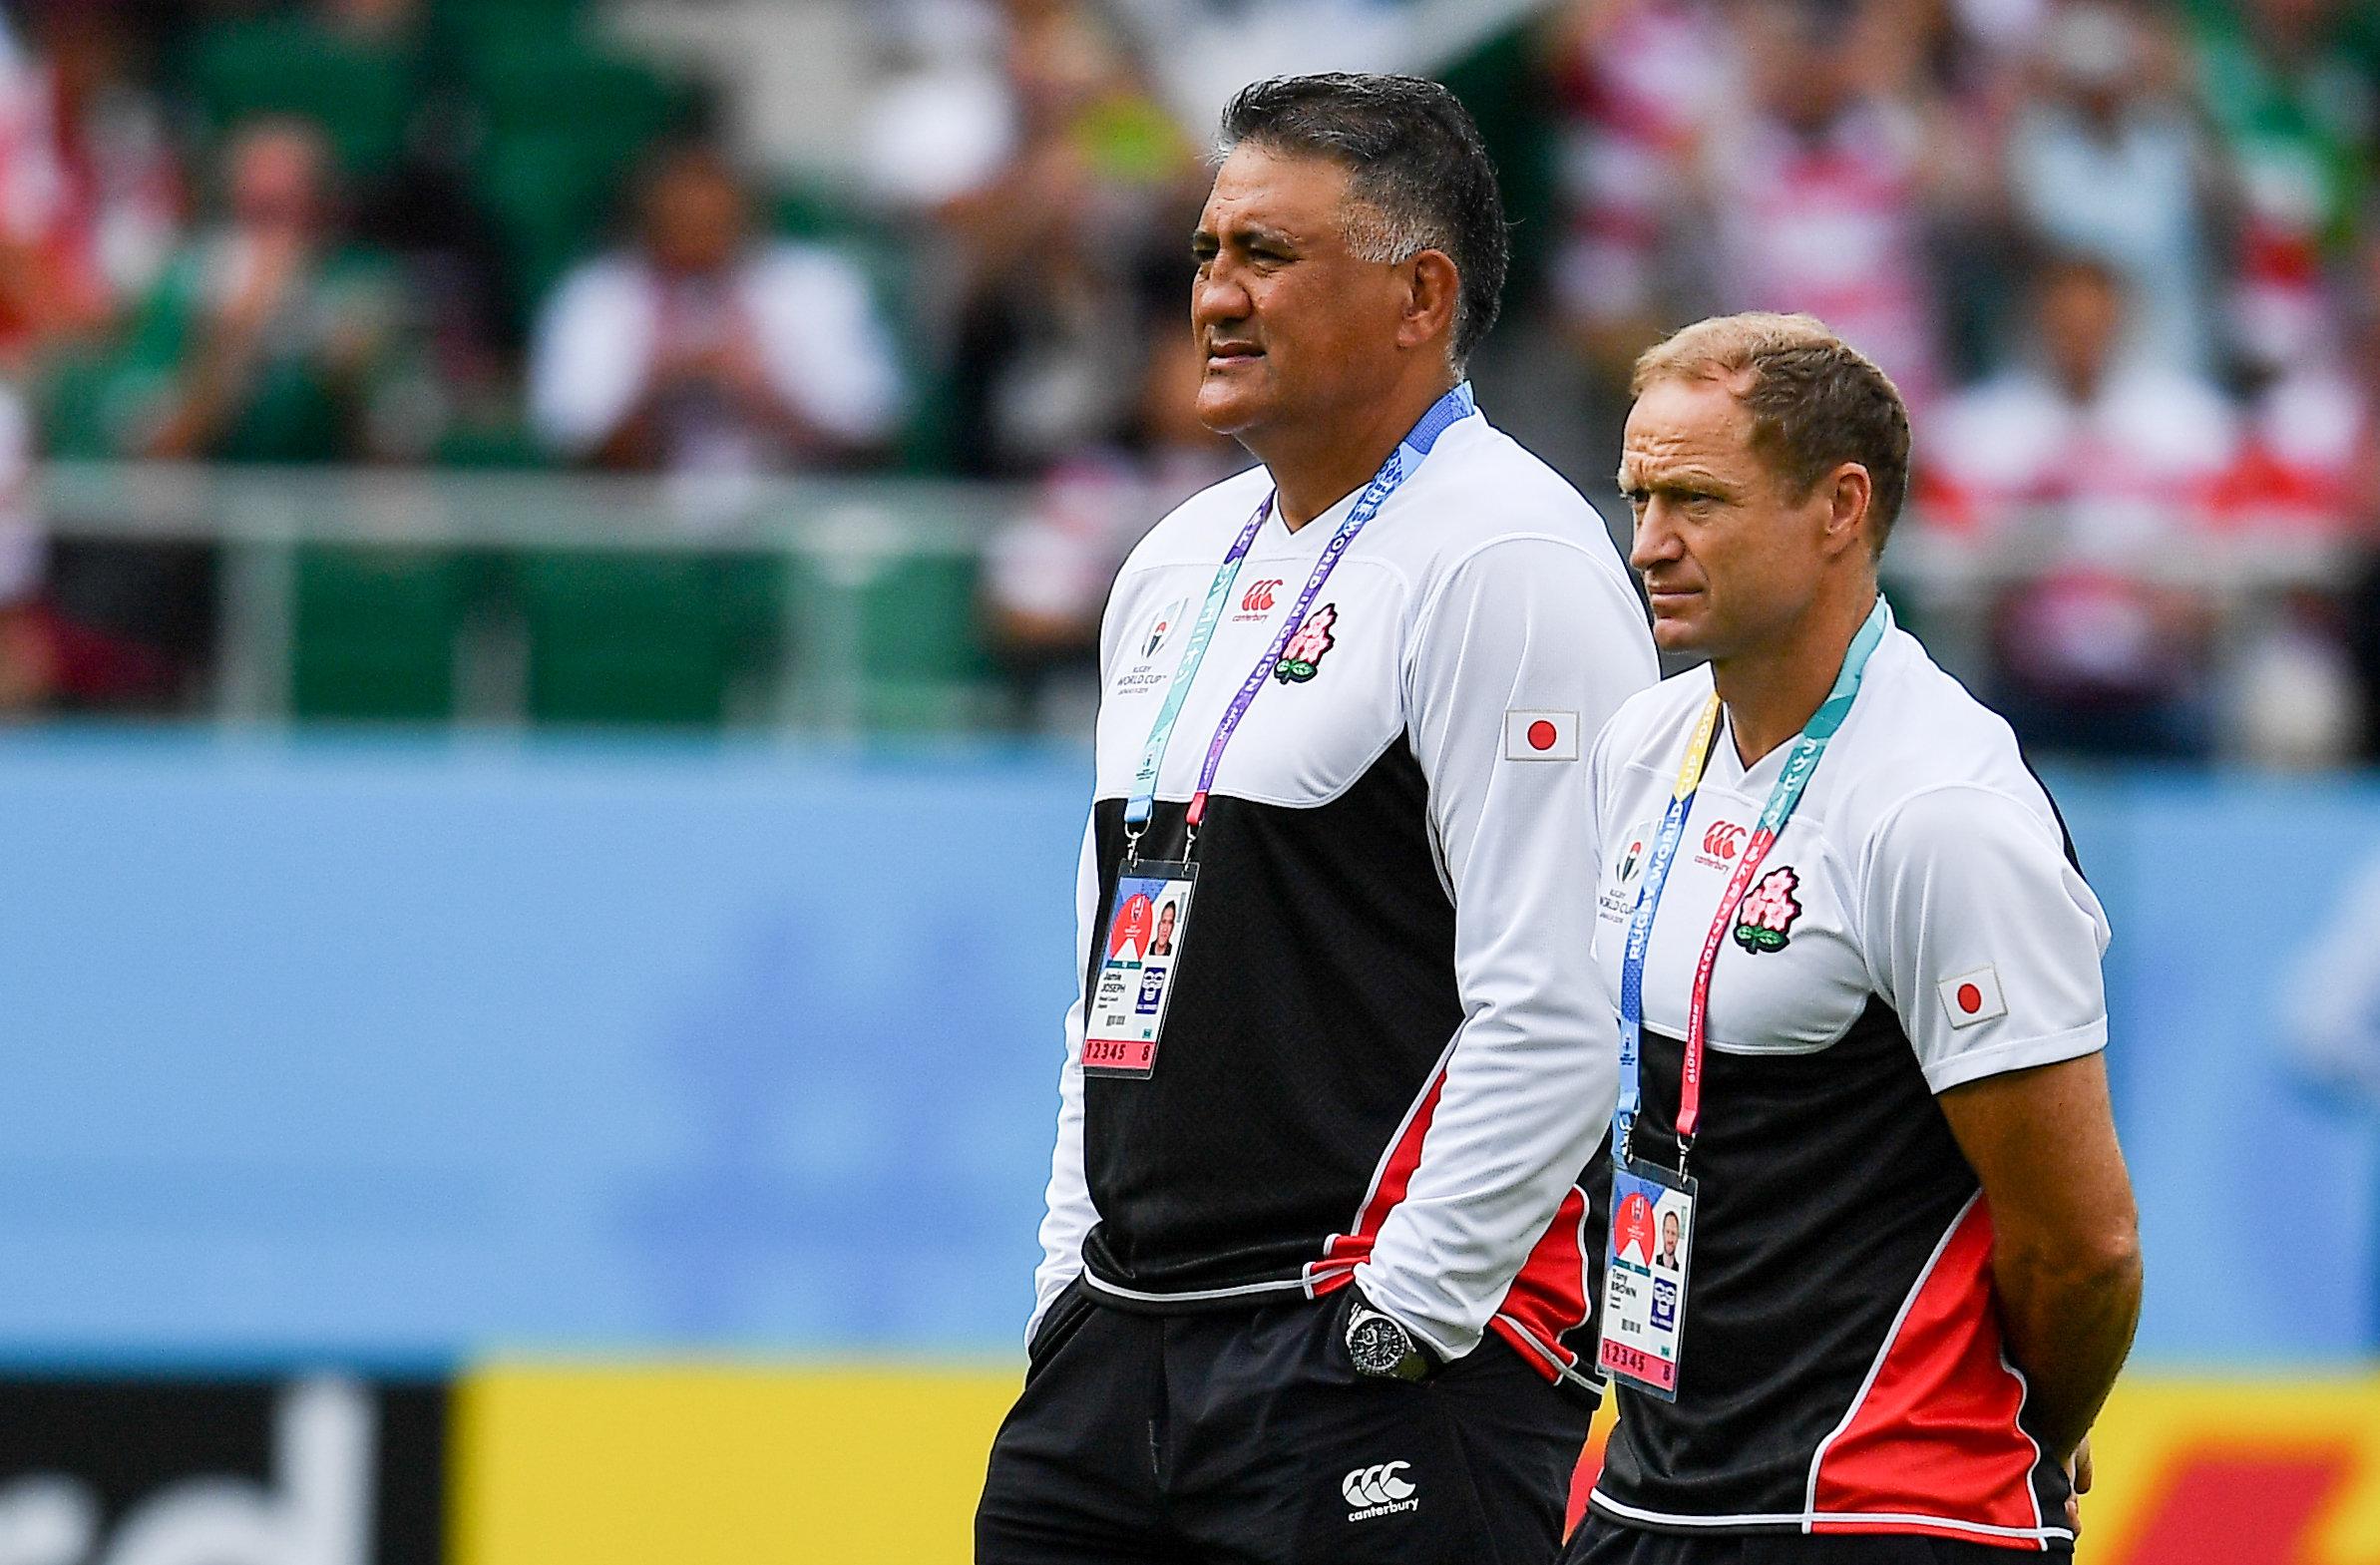 W杯では日本のアタックコーチを務めたトニー・ブラウン(右) ©Getty Imgaes